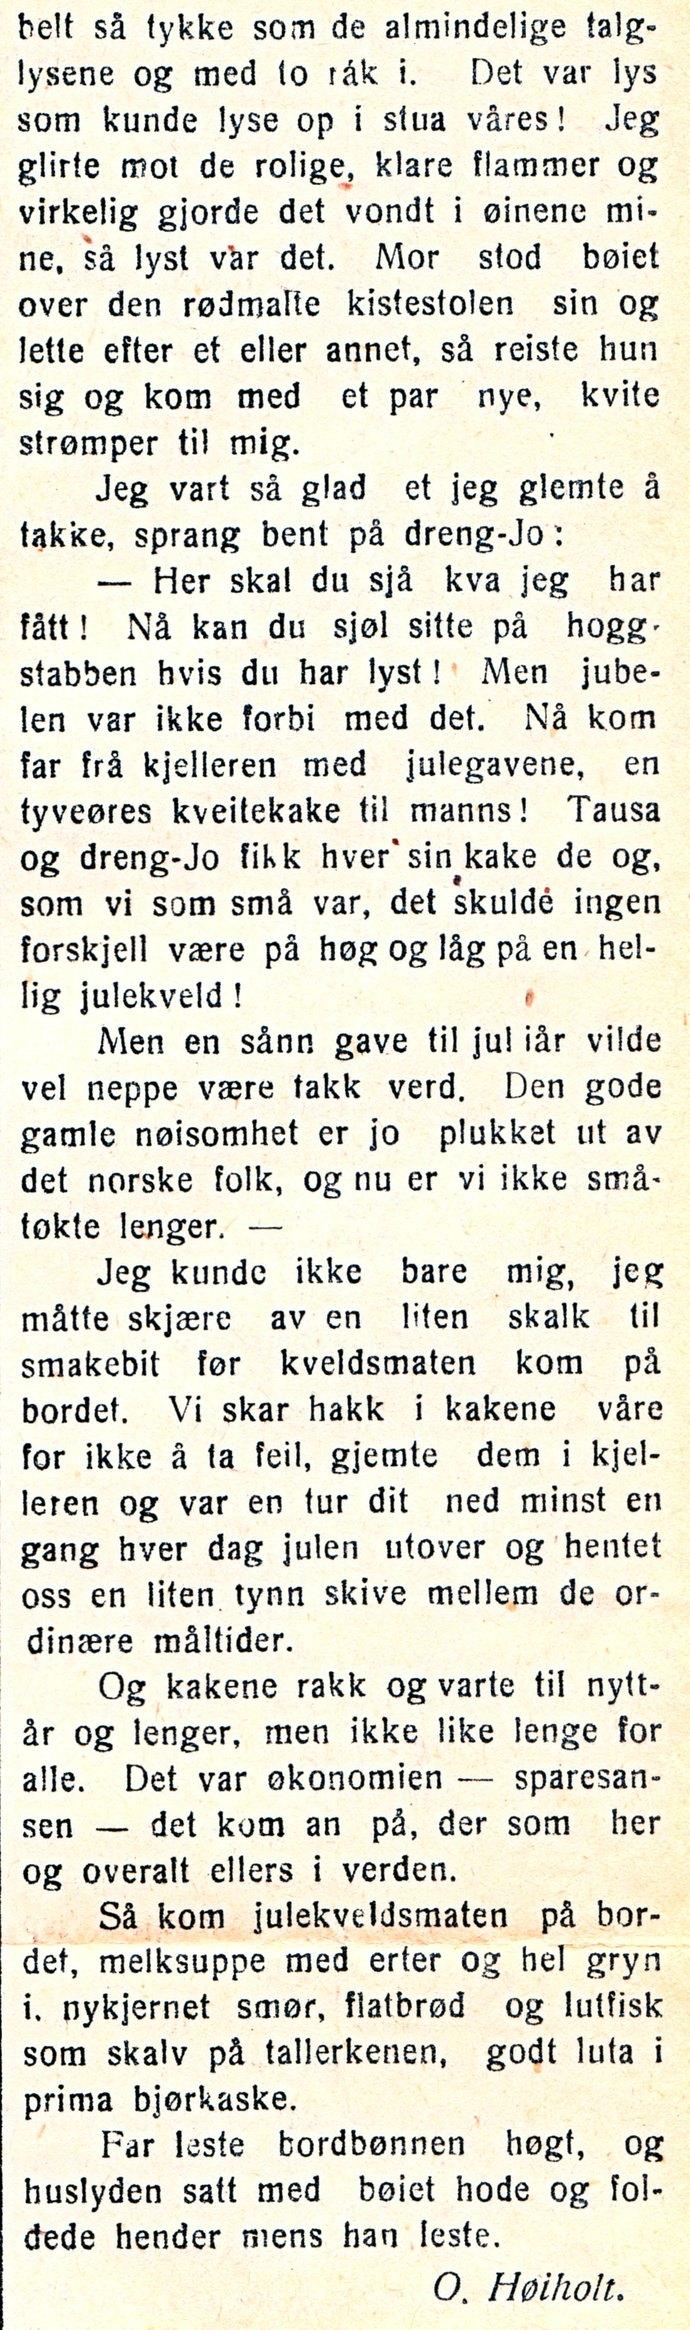 Høiholt 6_690x2330.jpg